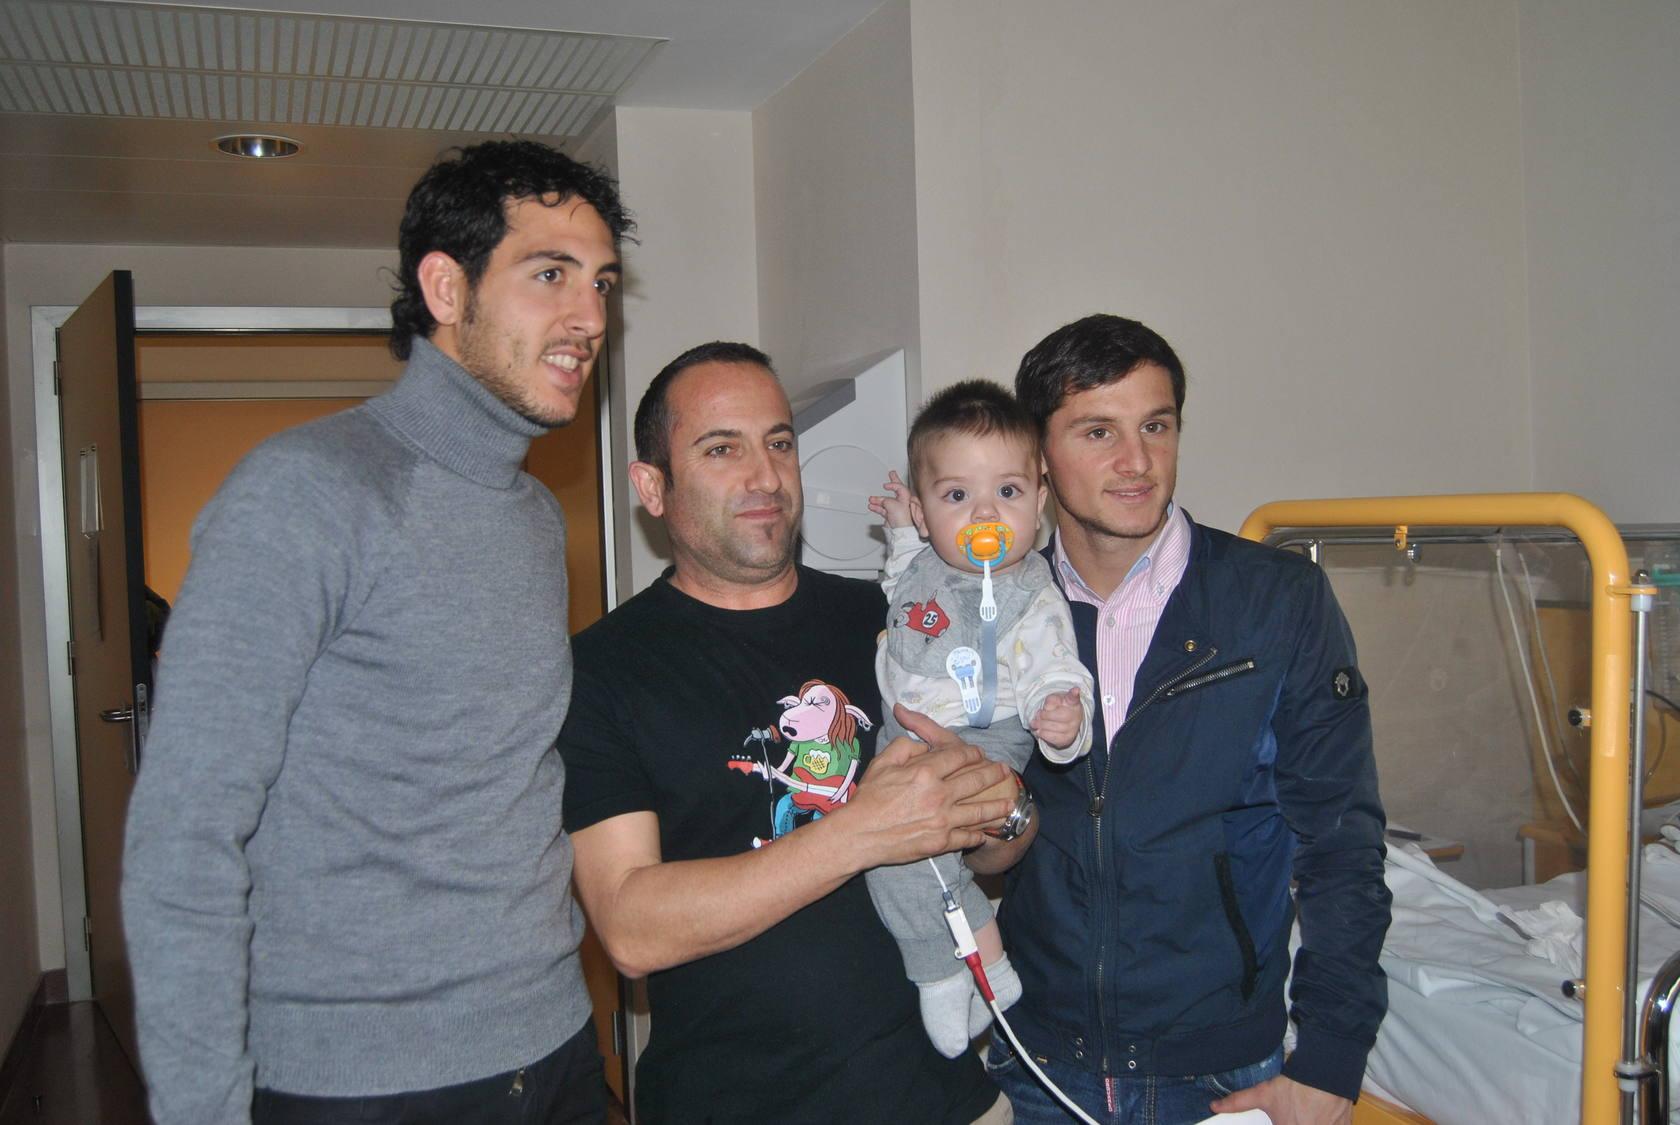 El Valencia CF visita a los niños hospitalizados